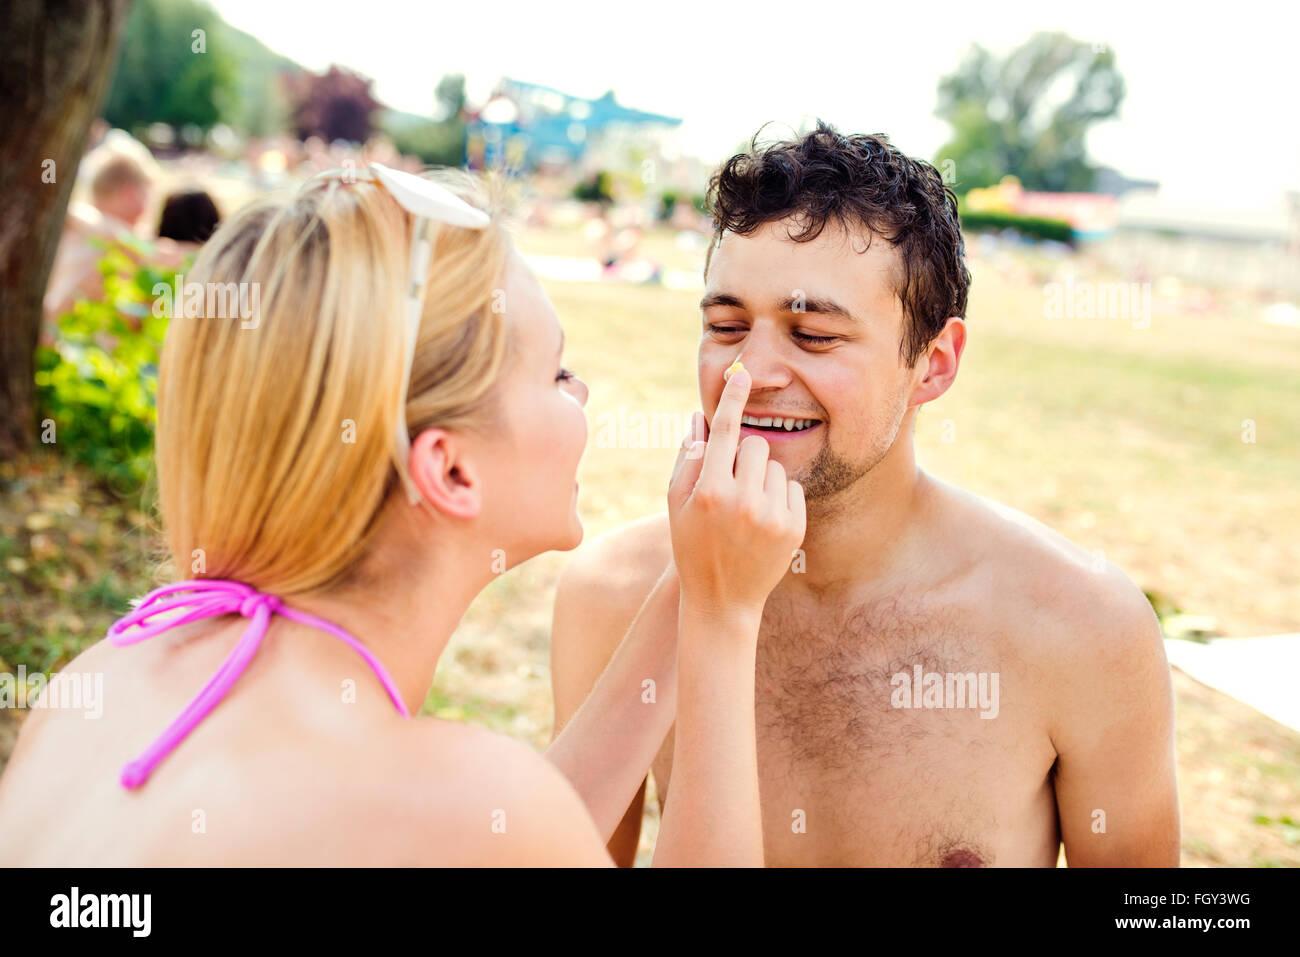 Mujer en bikini poner protector solar en la nariz del hombre Imagen De Stock